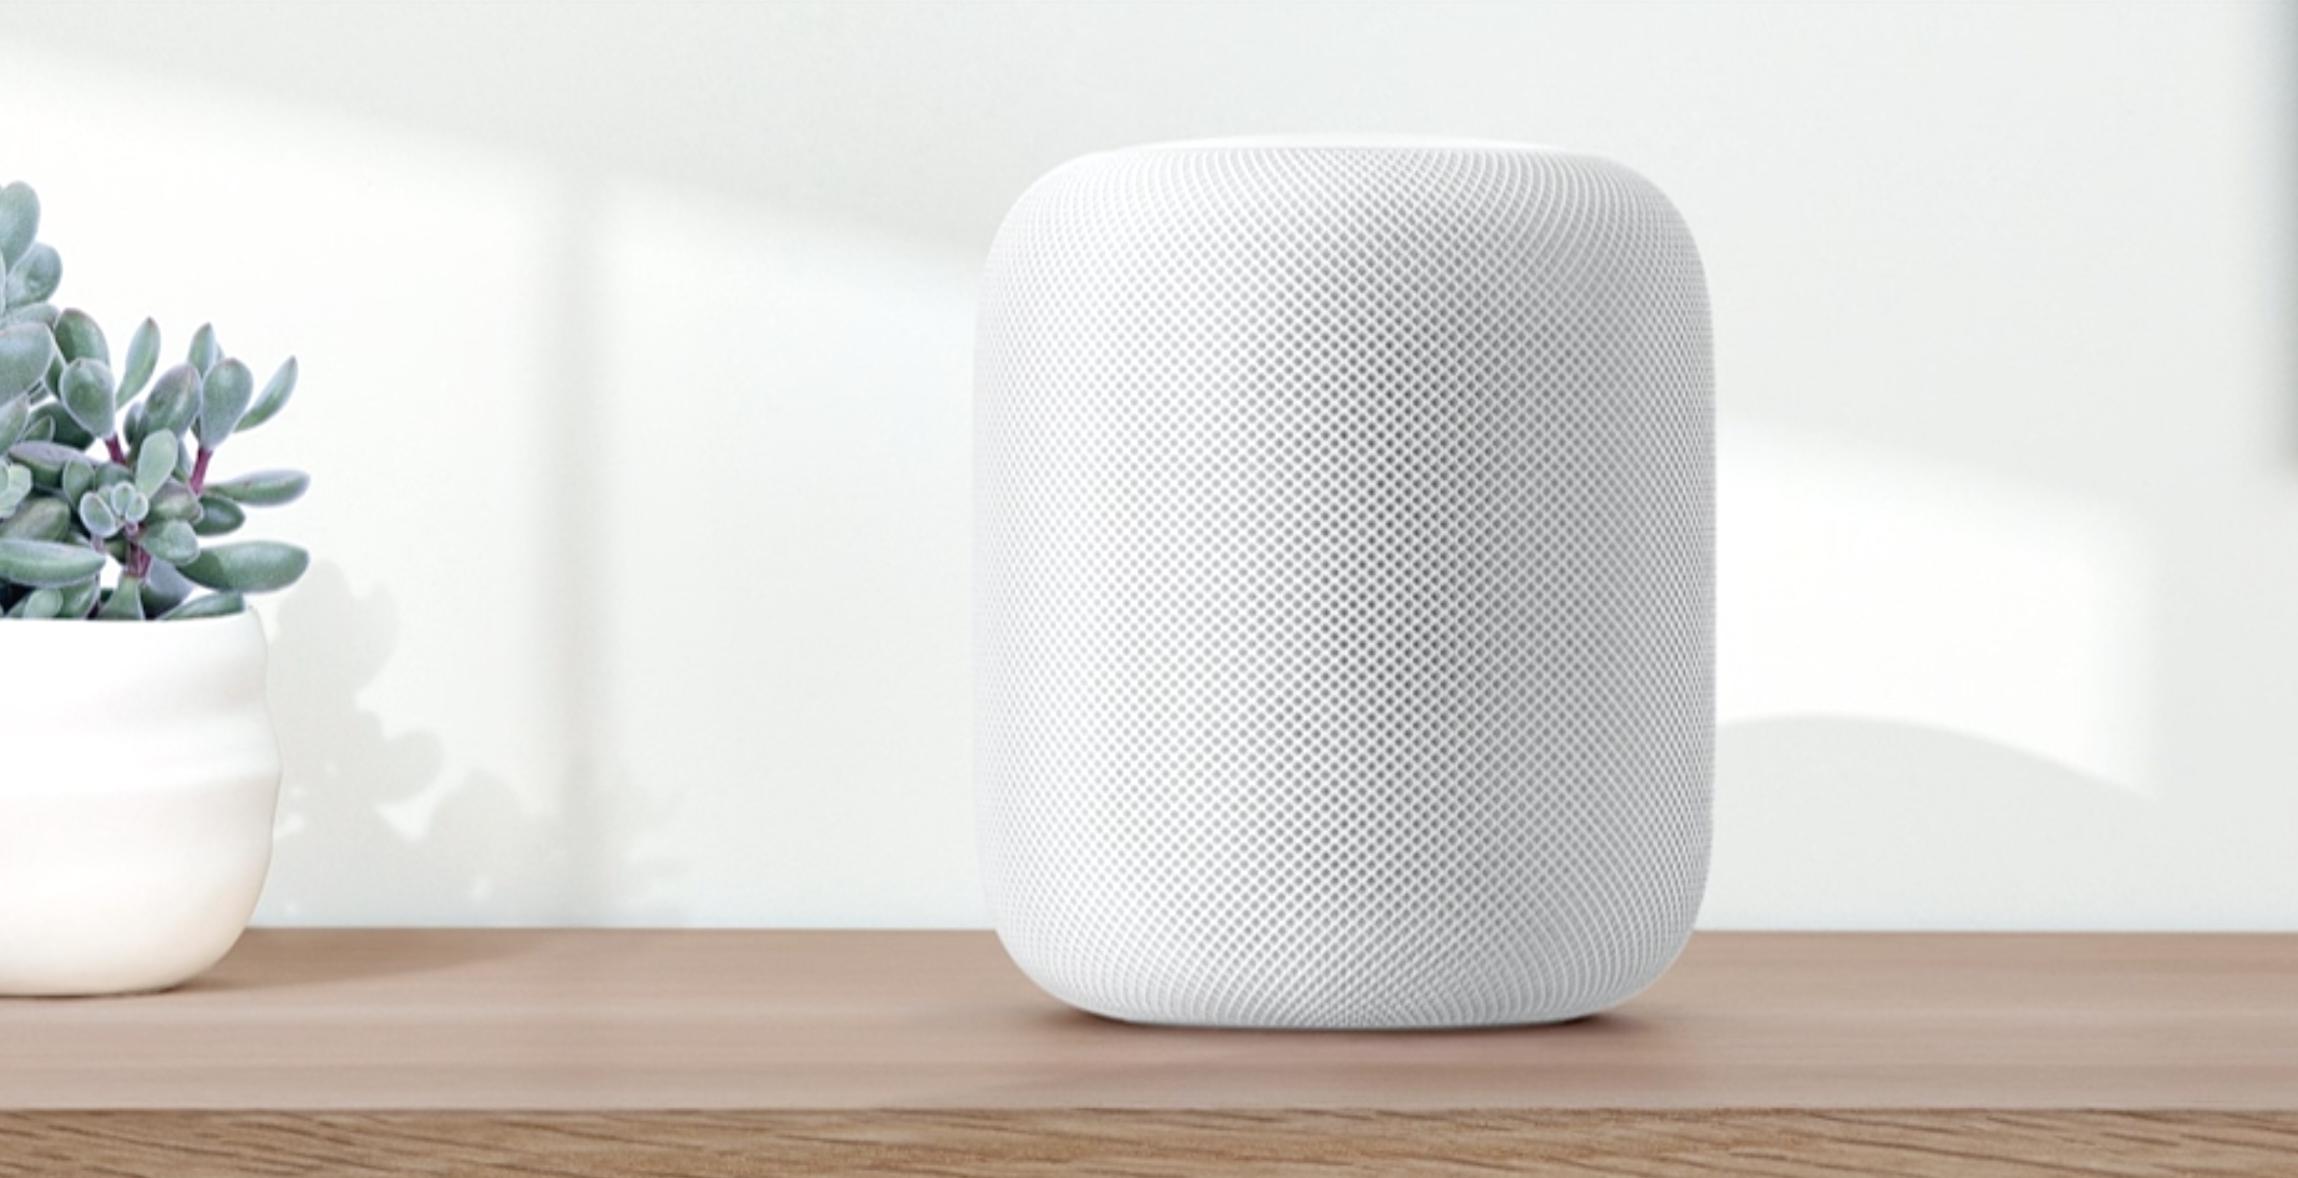 Det begynner å bli folksomt på smarthøyttaler-markedet. Dette er det foreløpig seneste bidraget, Apples HomePod..